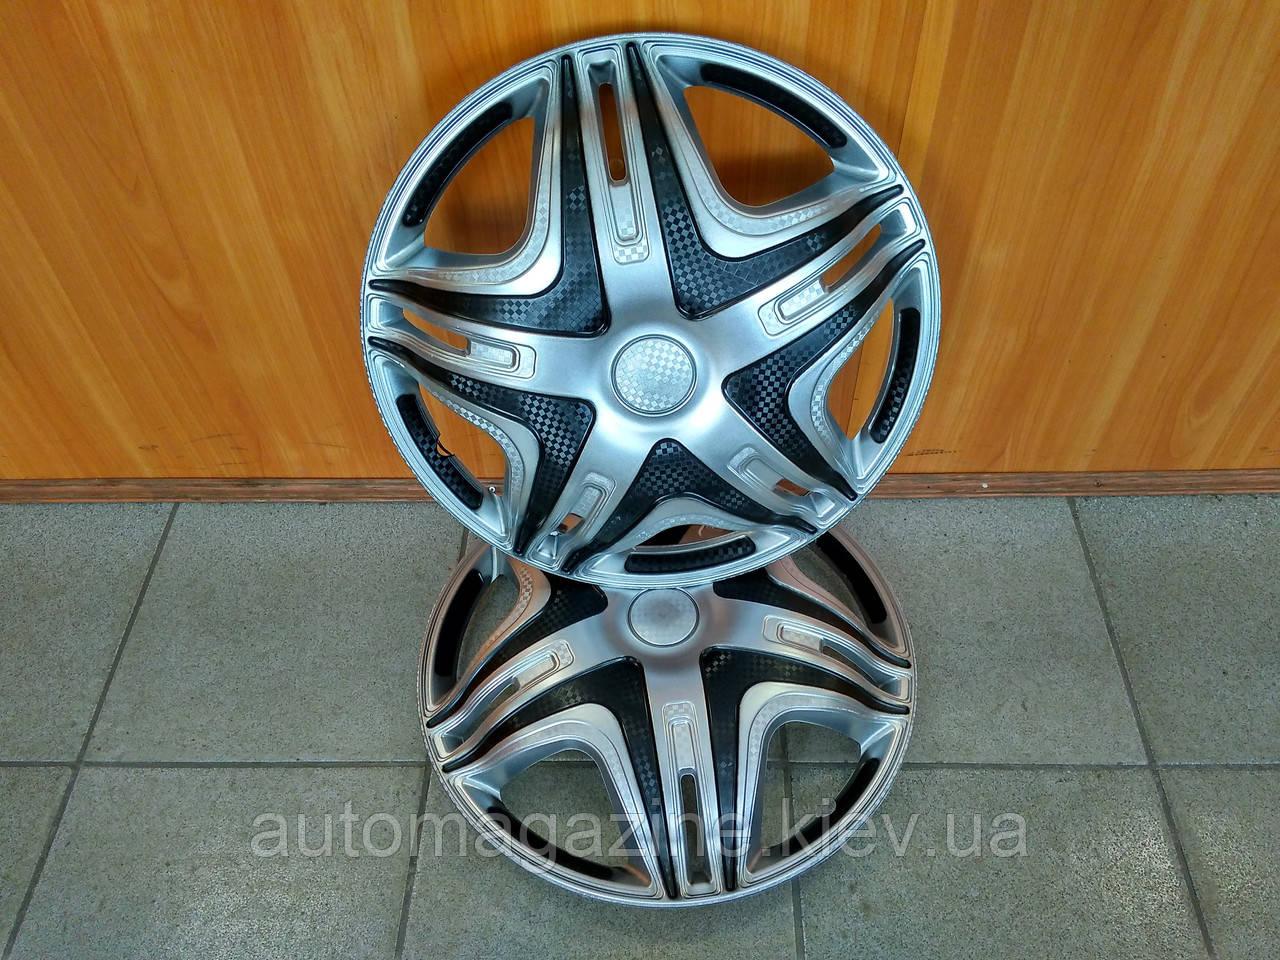 """Ковпаки переднього колеса Газель R16 """"Дакар Super Silver"""" (опуклий)"""